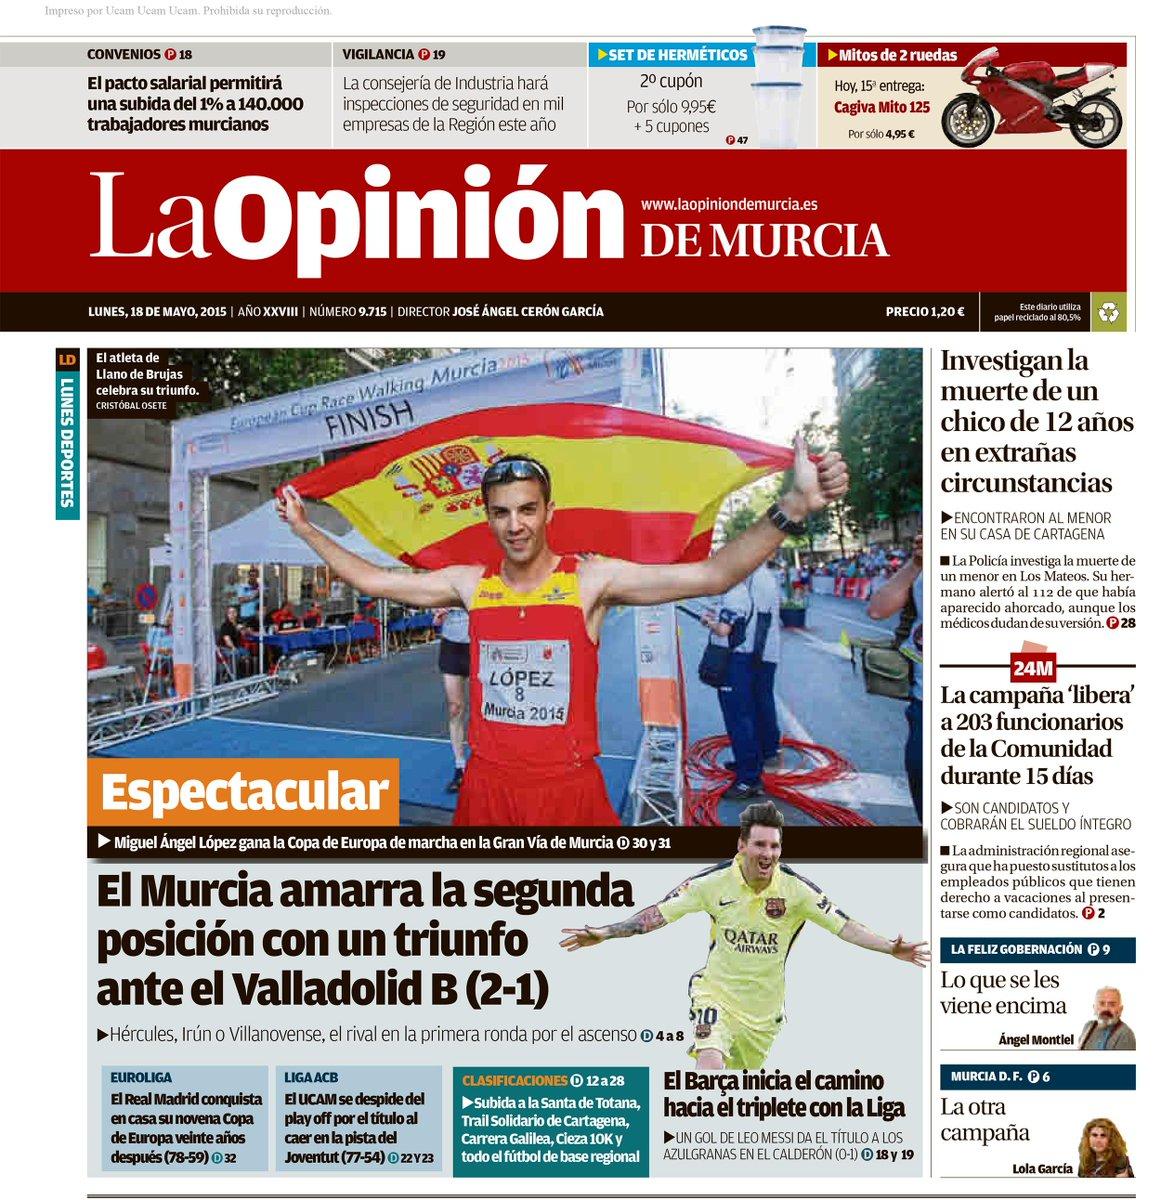 Las portadas de @diariolaopinion y @laverdad_es tienen hoy un claro protagonista: @MA_LopezNicolas http://t.co/4xQpIGvyBs